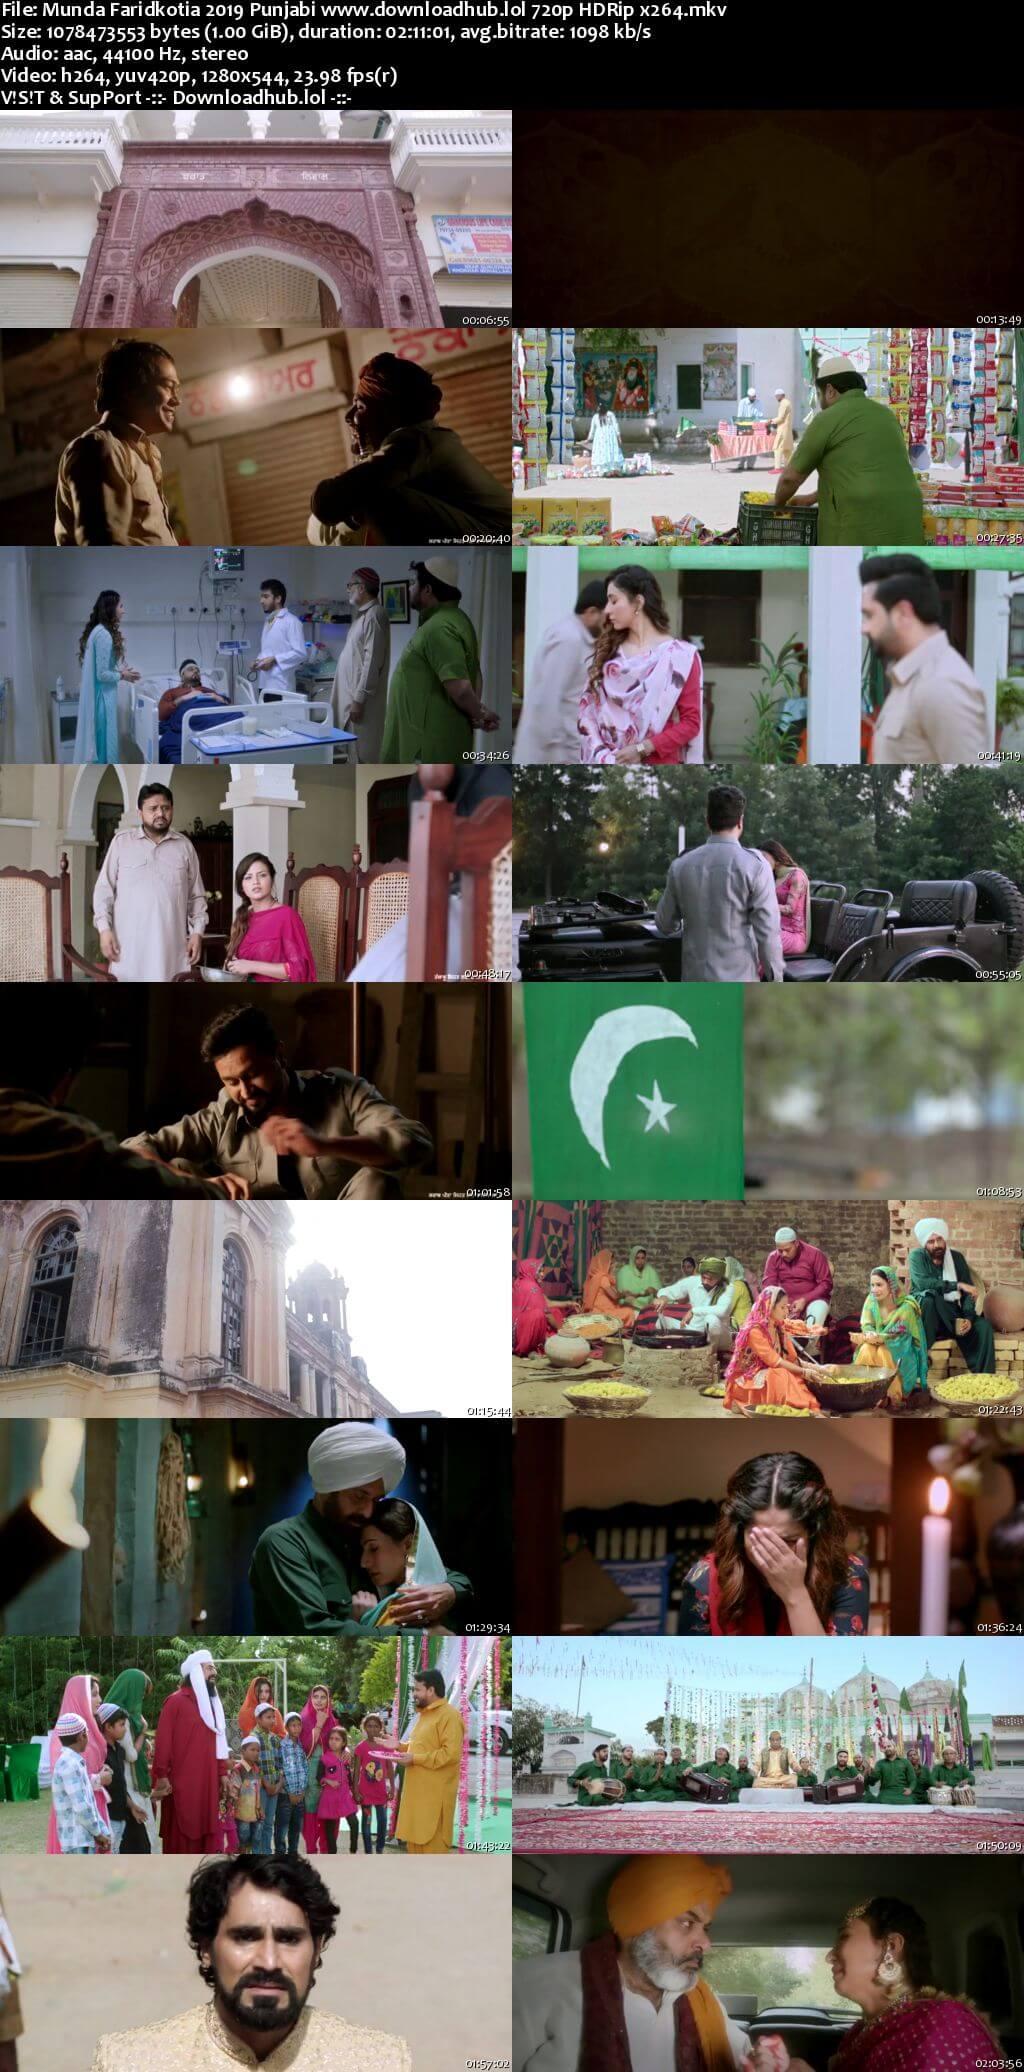 Munda Faridkotia 2019 Punjabi 720p HDRip x264